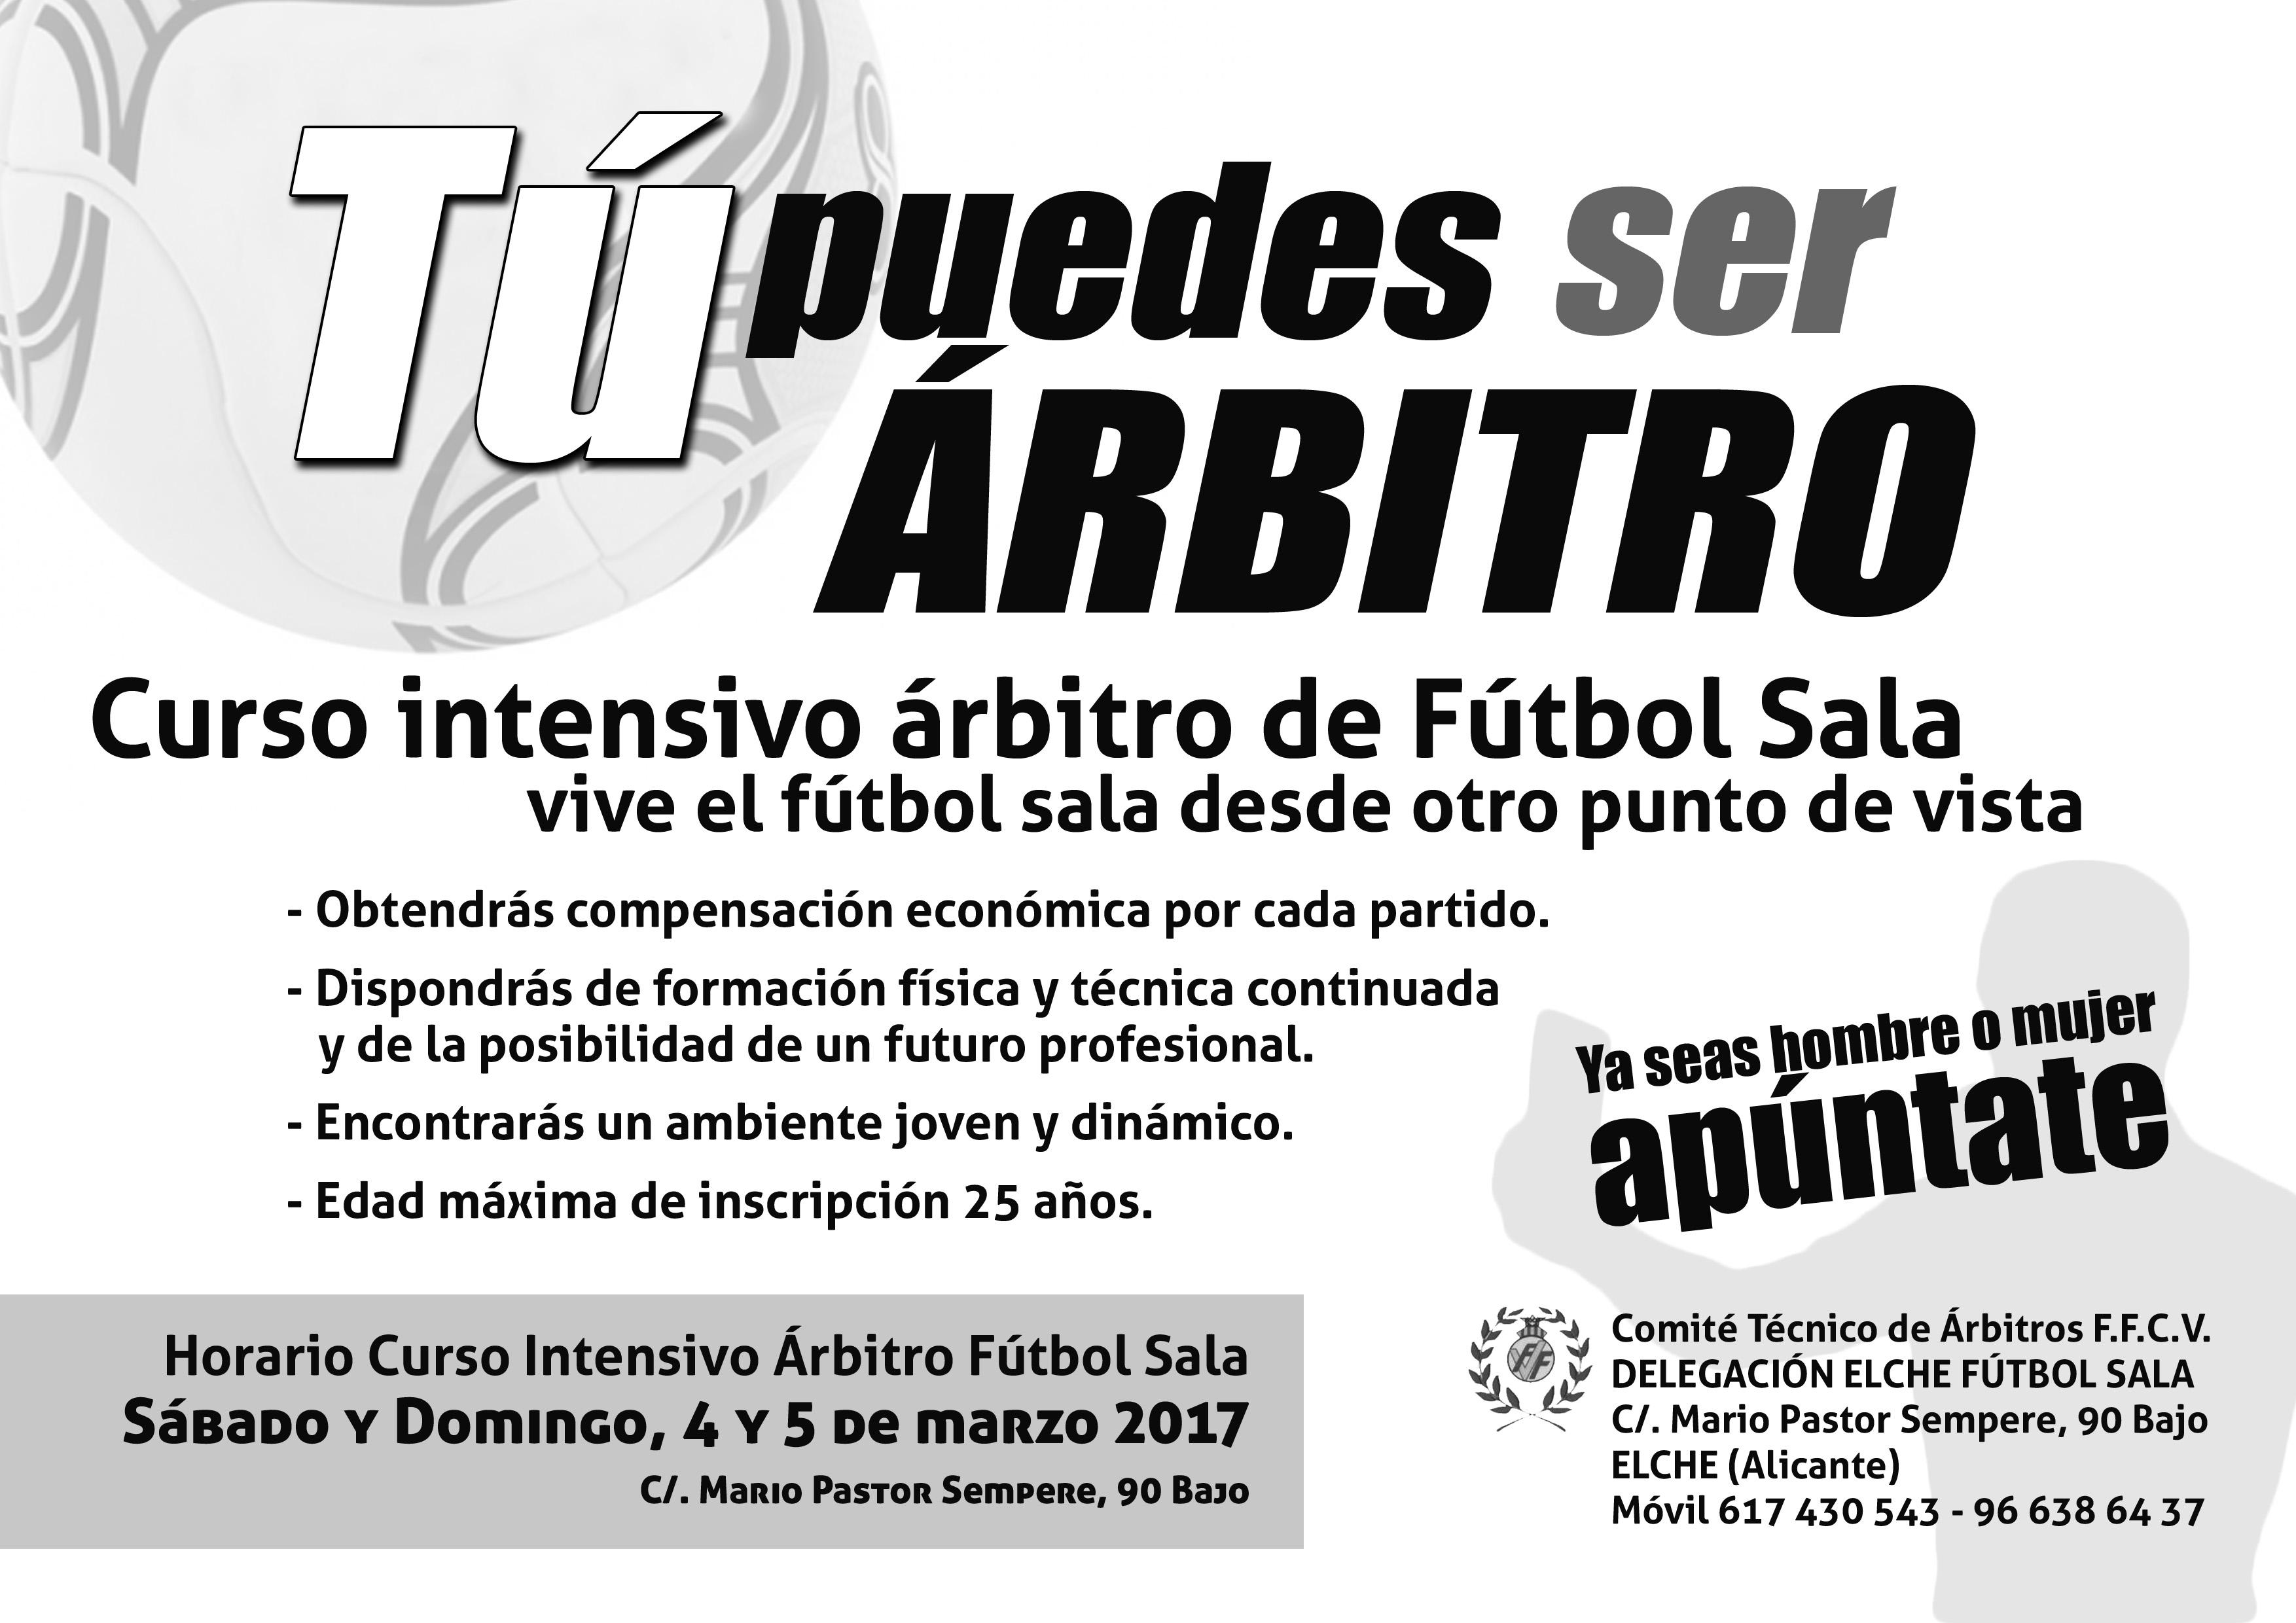 Nueva oportunidad para obtener la titulación como árbitro en la Comunidad  Valenciana. Este nuevo Curso de Arbitro de Fútbol Sala se impartirá de  manera ... 1ff30e018863b